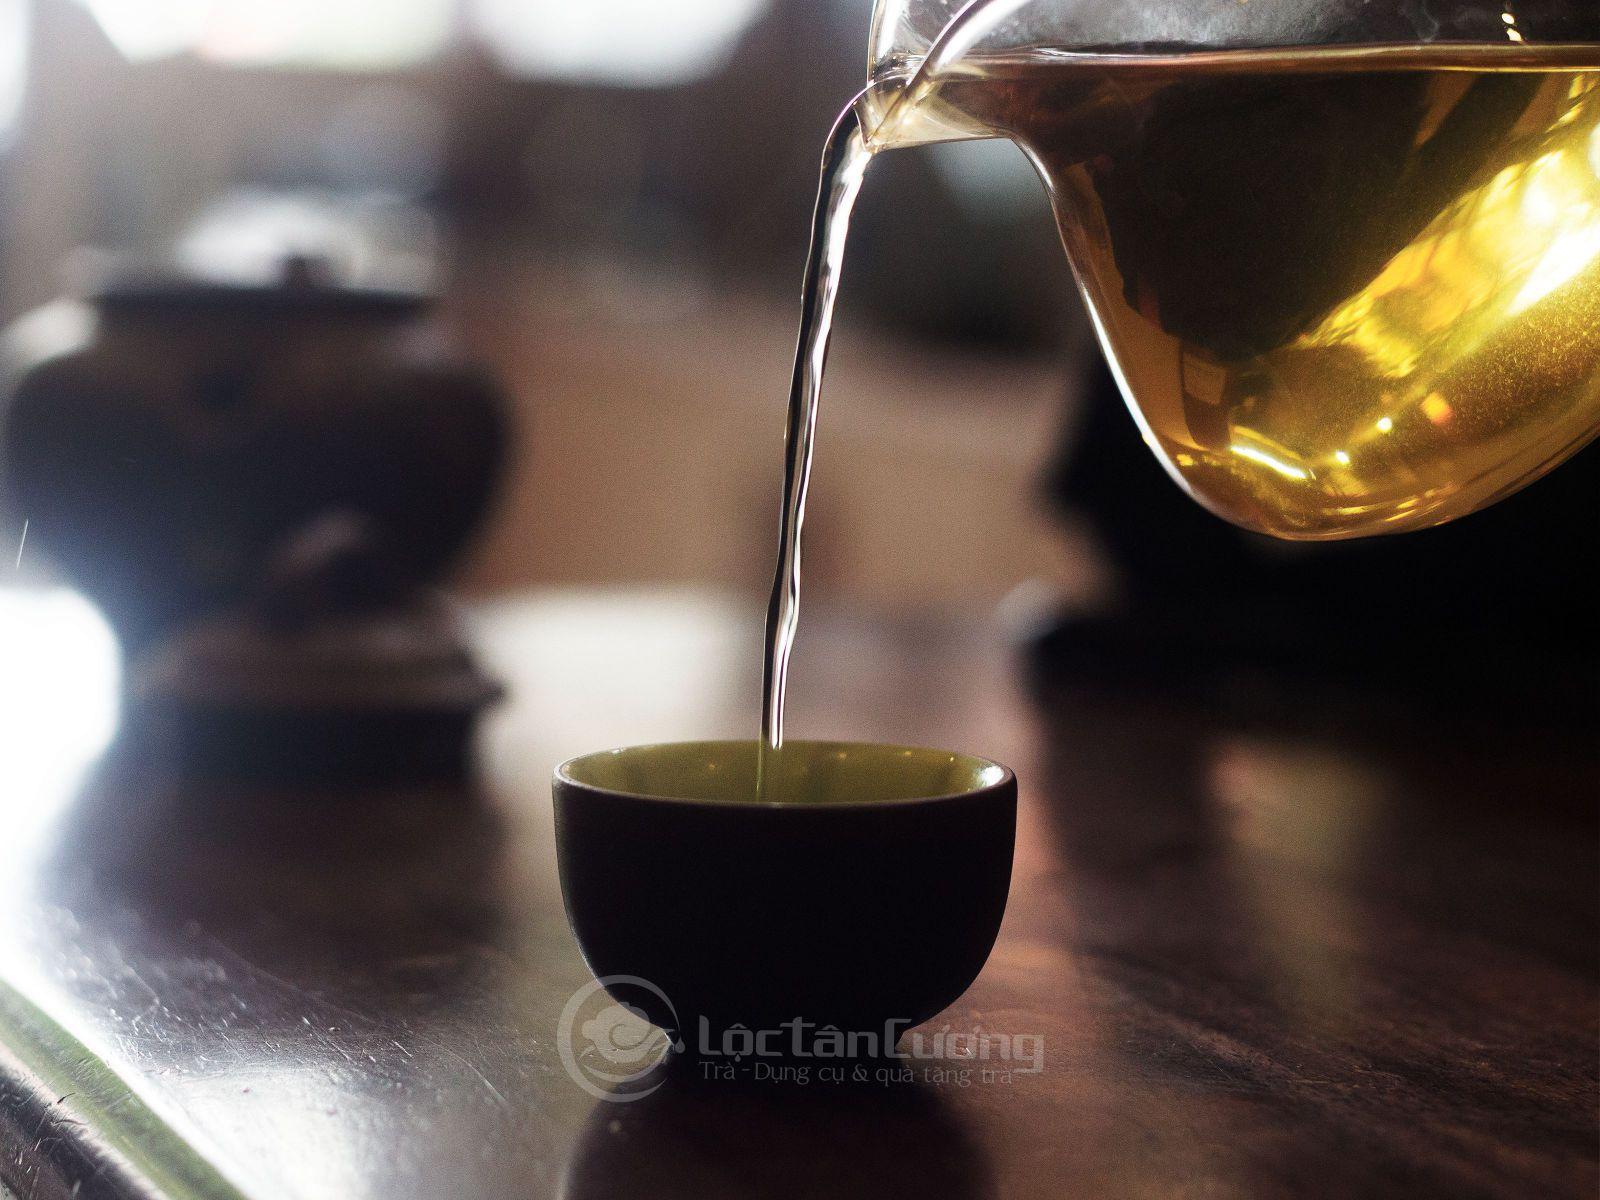 Cách pha trà Tà Xùa ngon, đúng chuẩn người sành trà